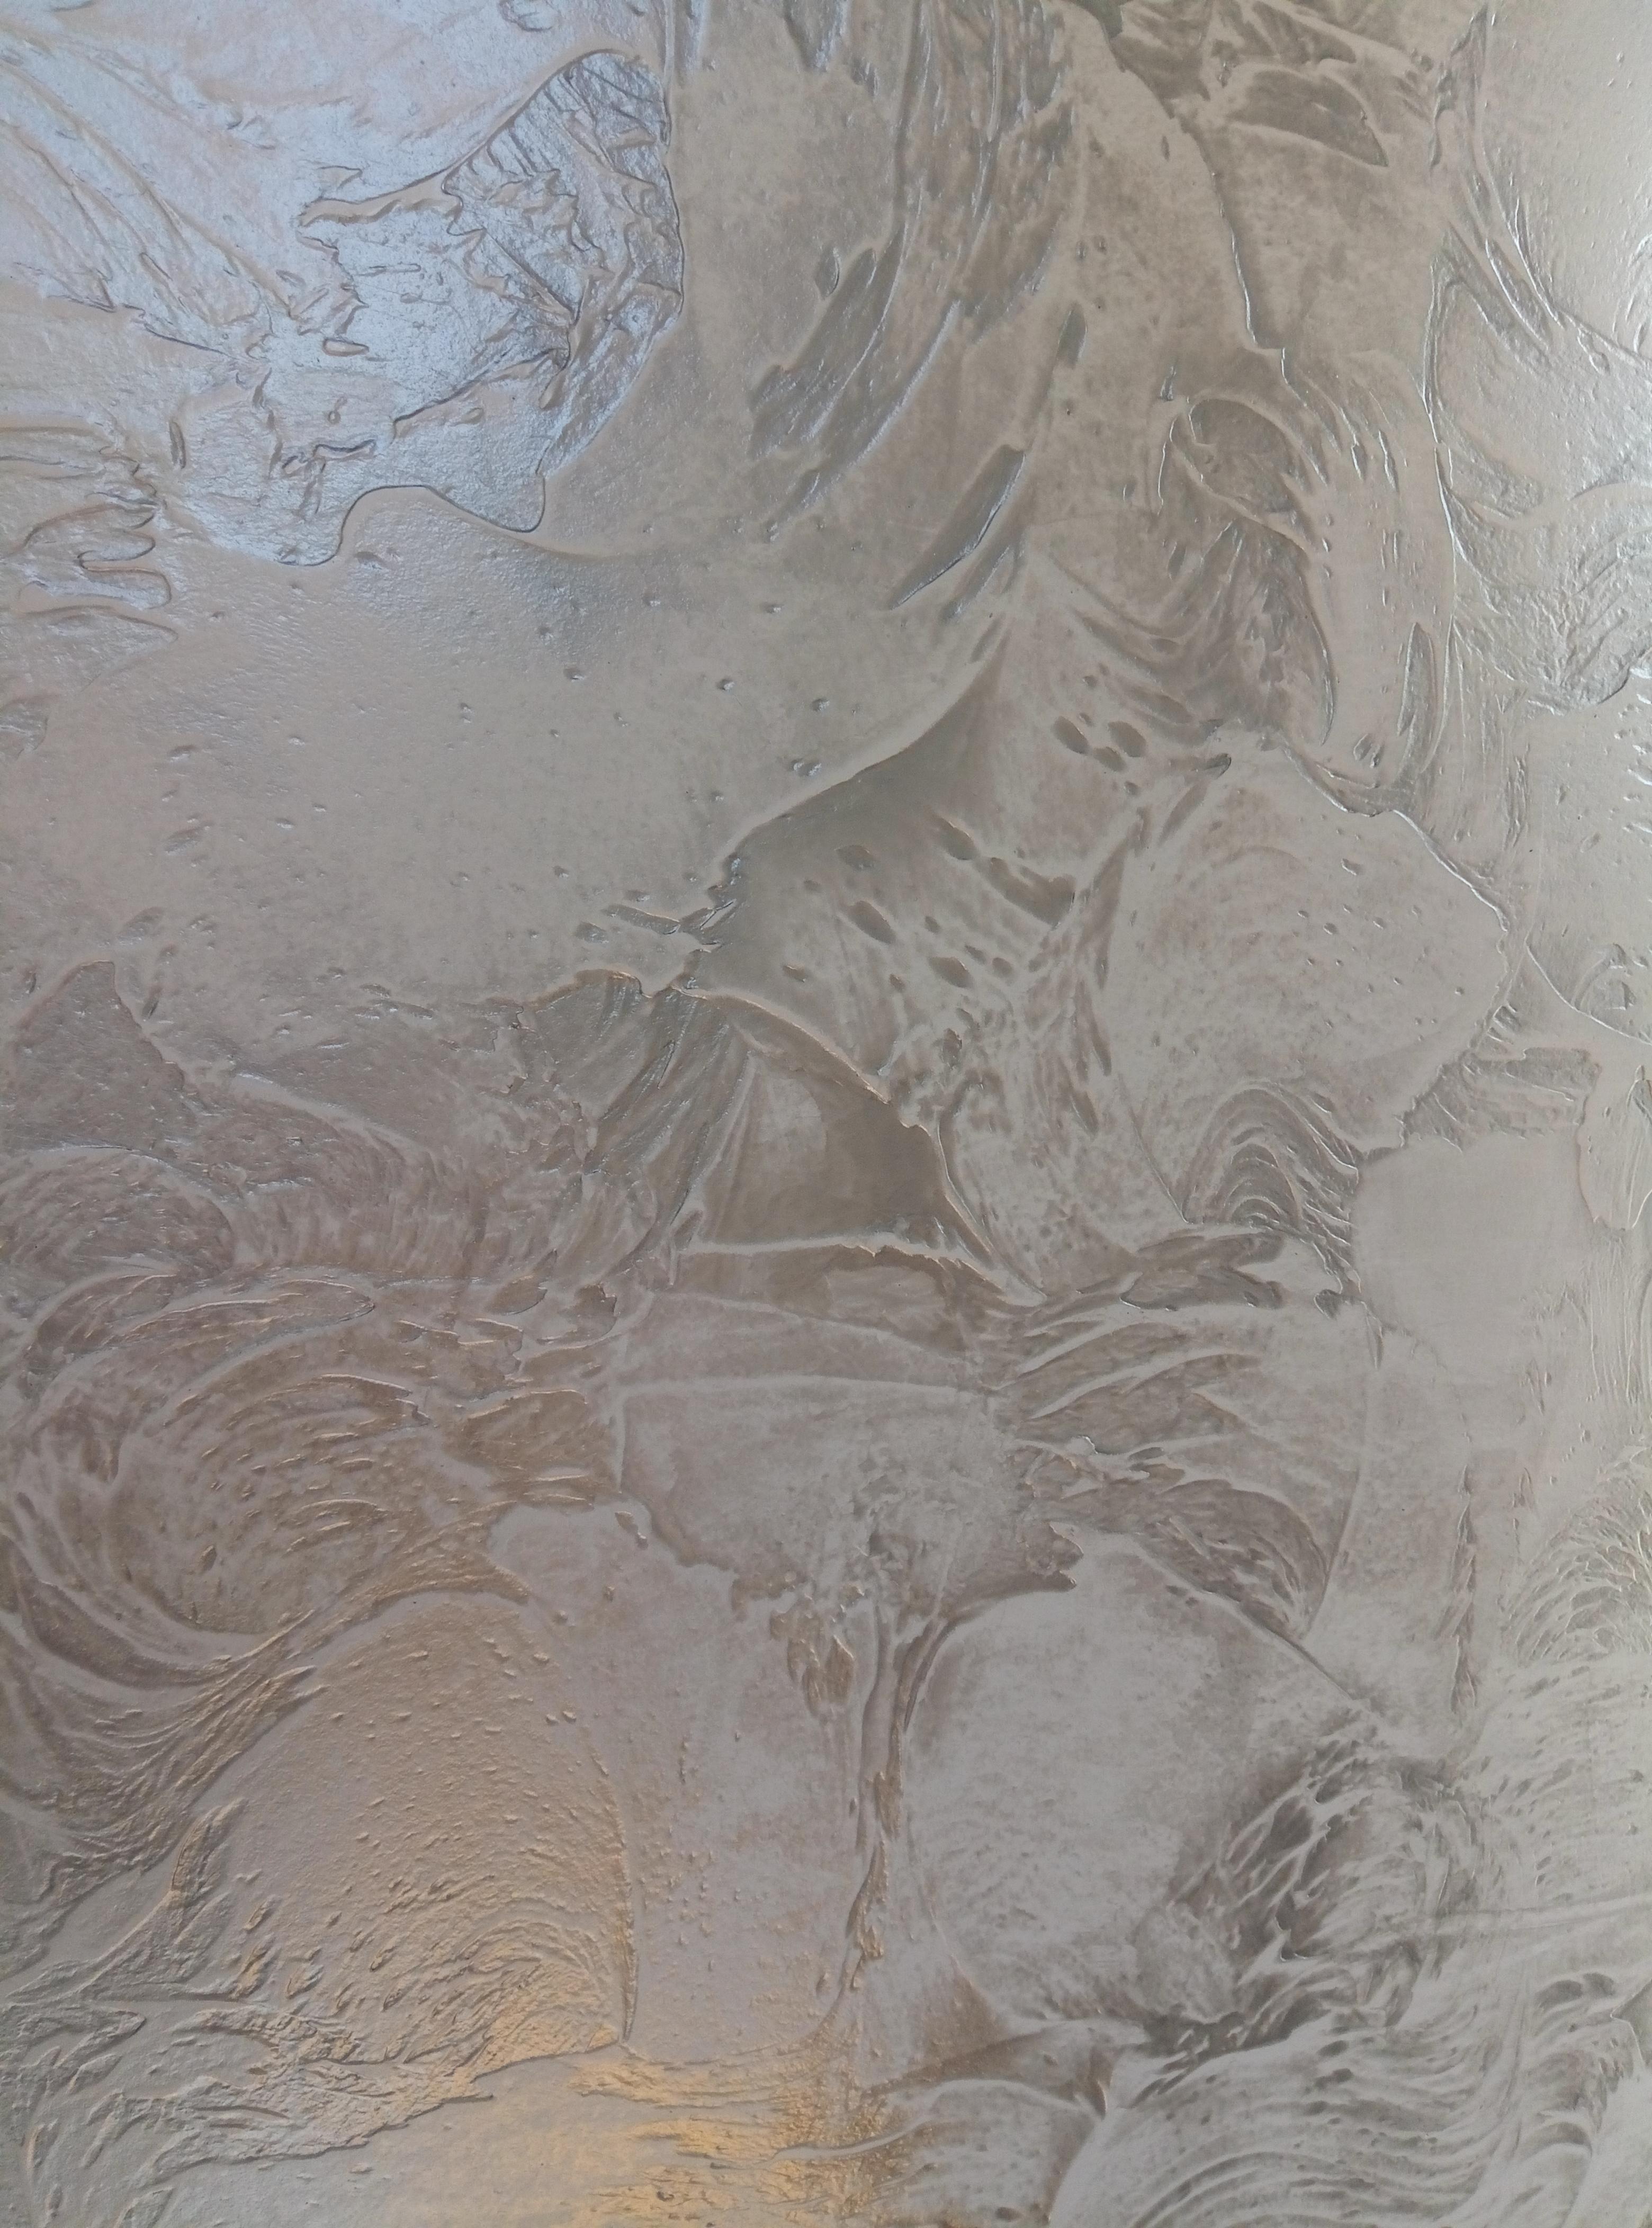 Фото Антика, версальская, марсельский воск 1